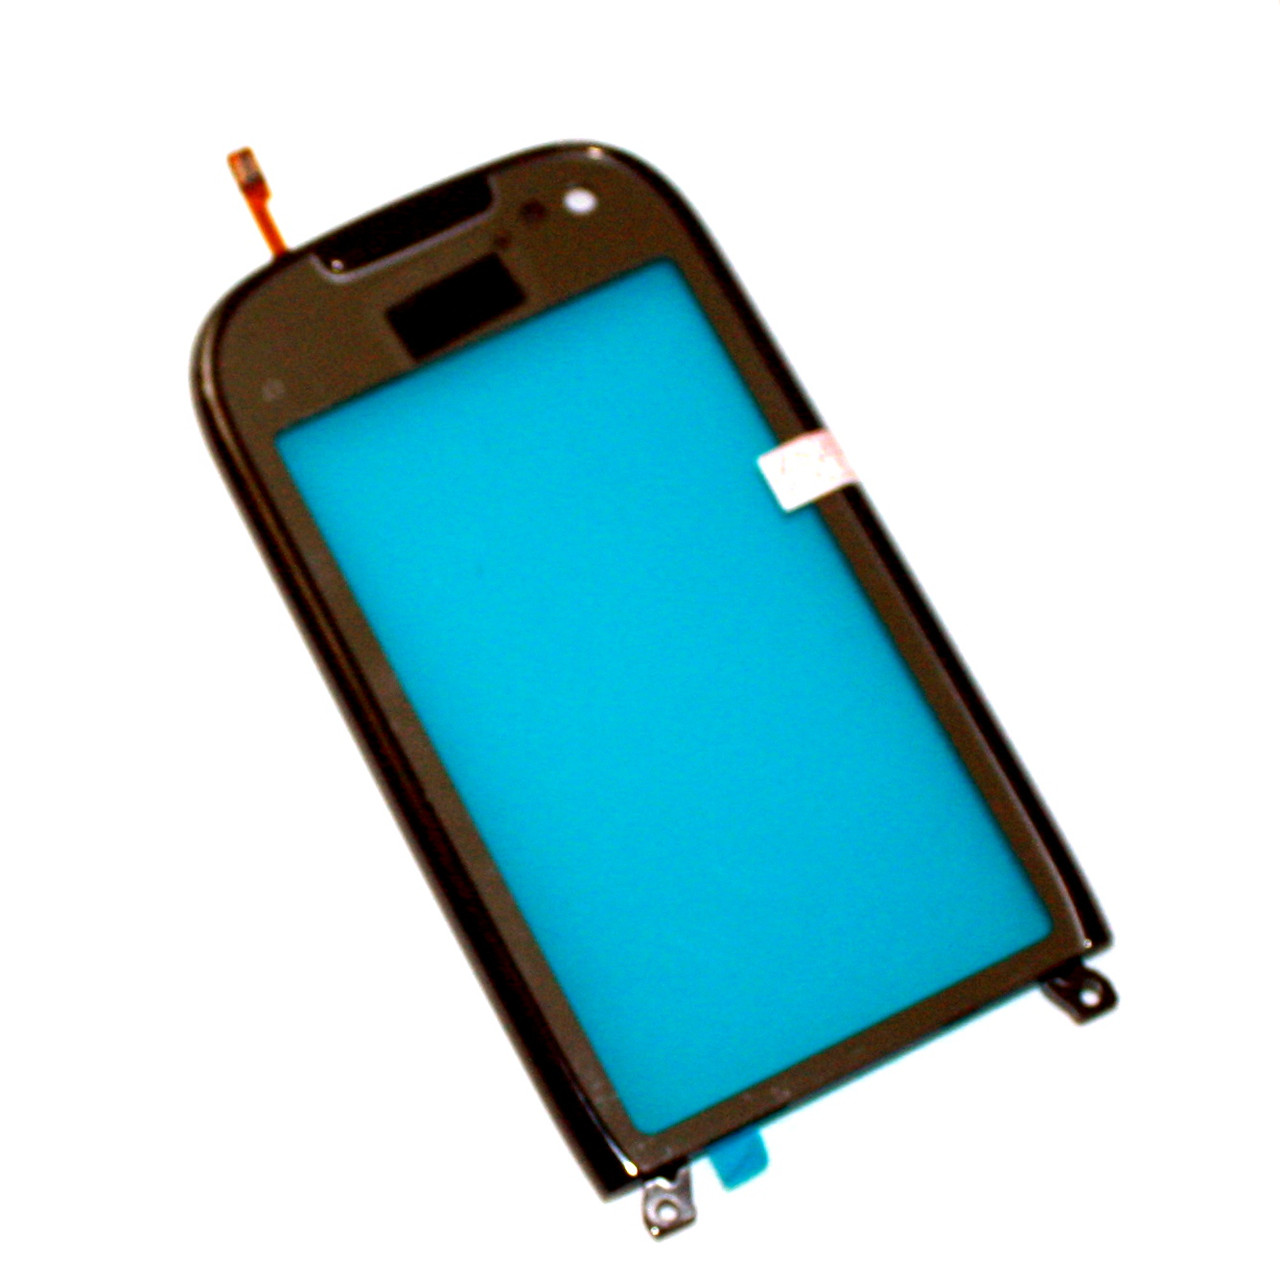 Сенсорный экран (тачскрин) Nokia C7-00 с рамкой, чёрный ориг. к-во